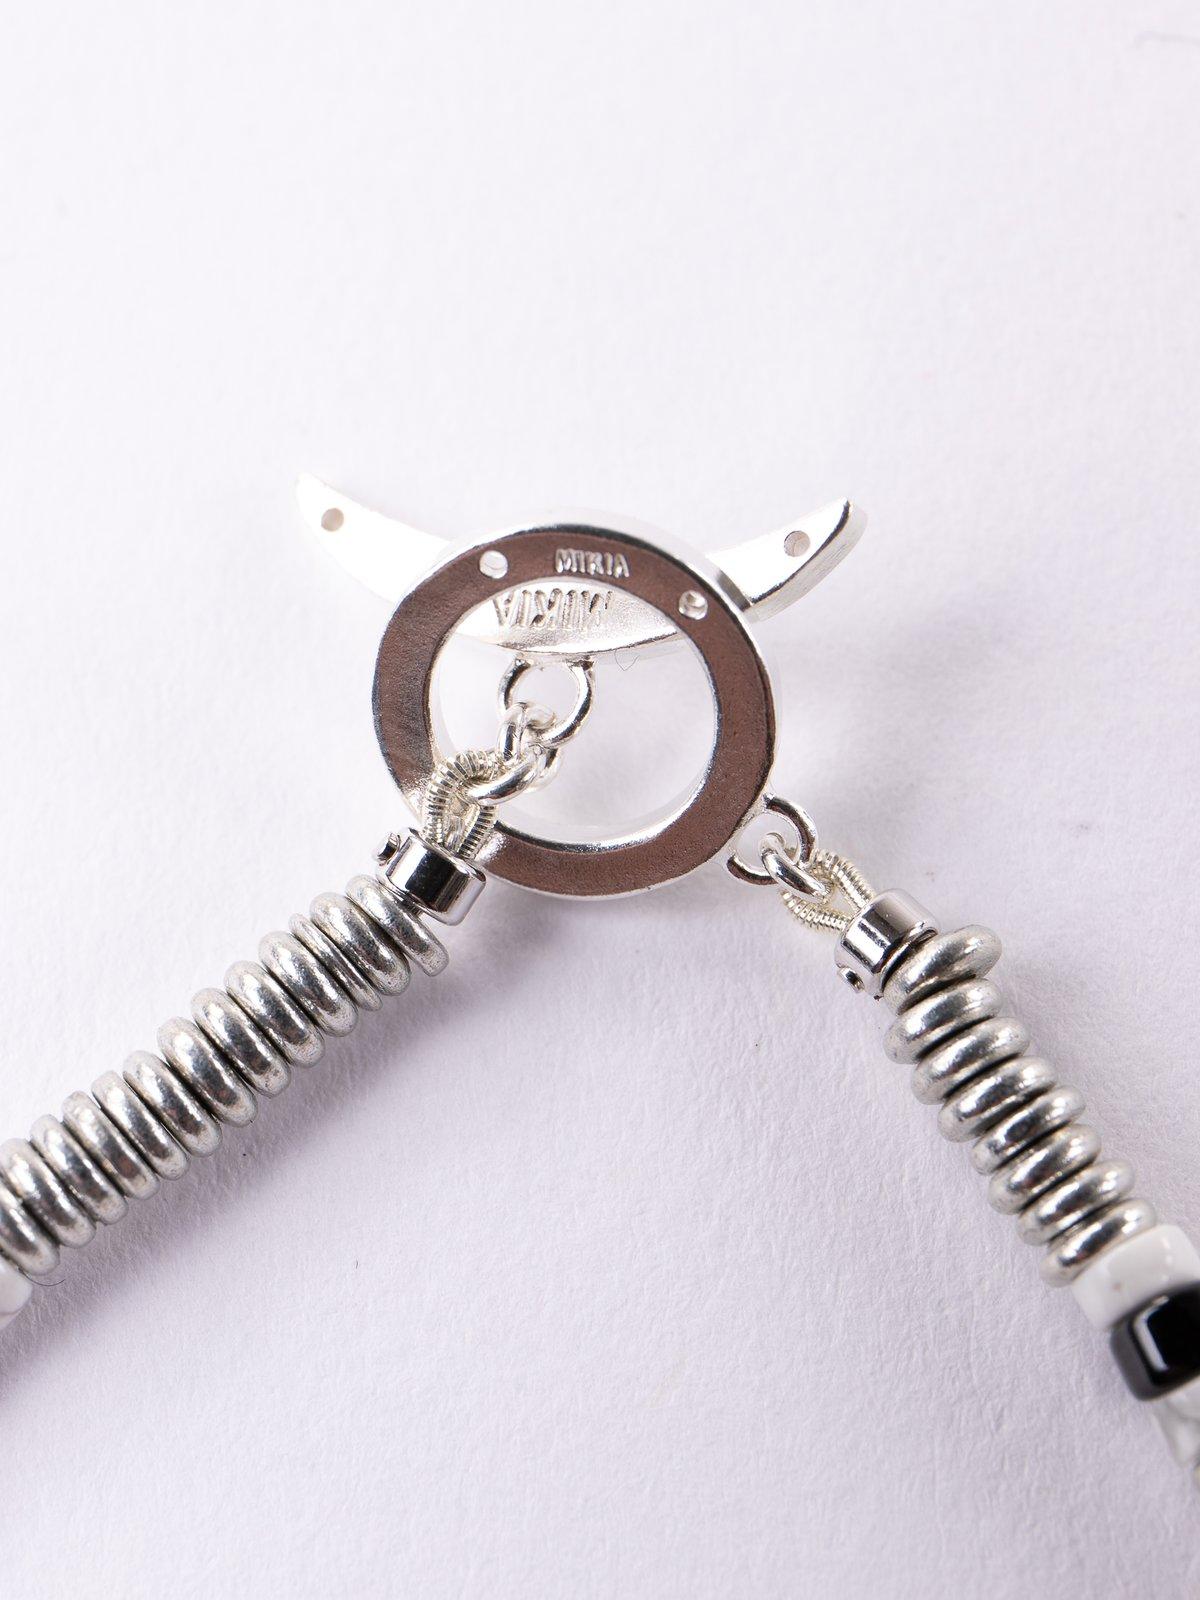 Howlite Tube Beads Bracelet - Image 2